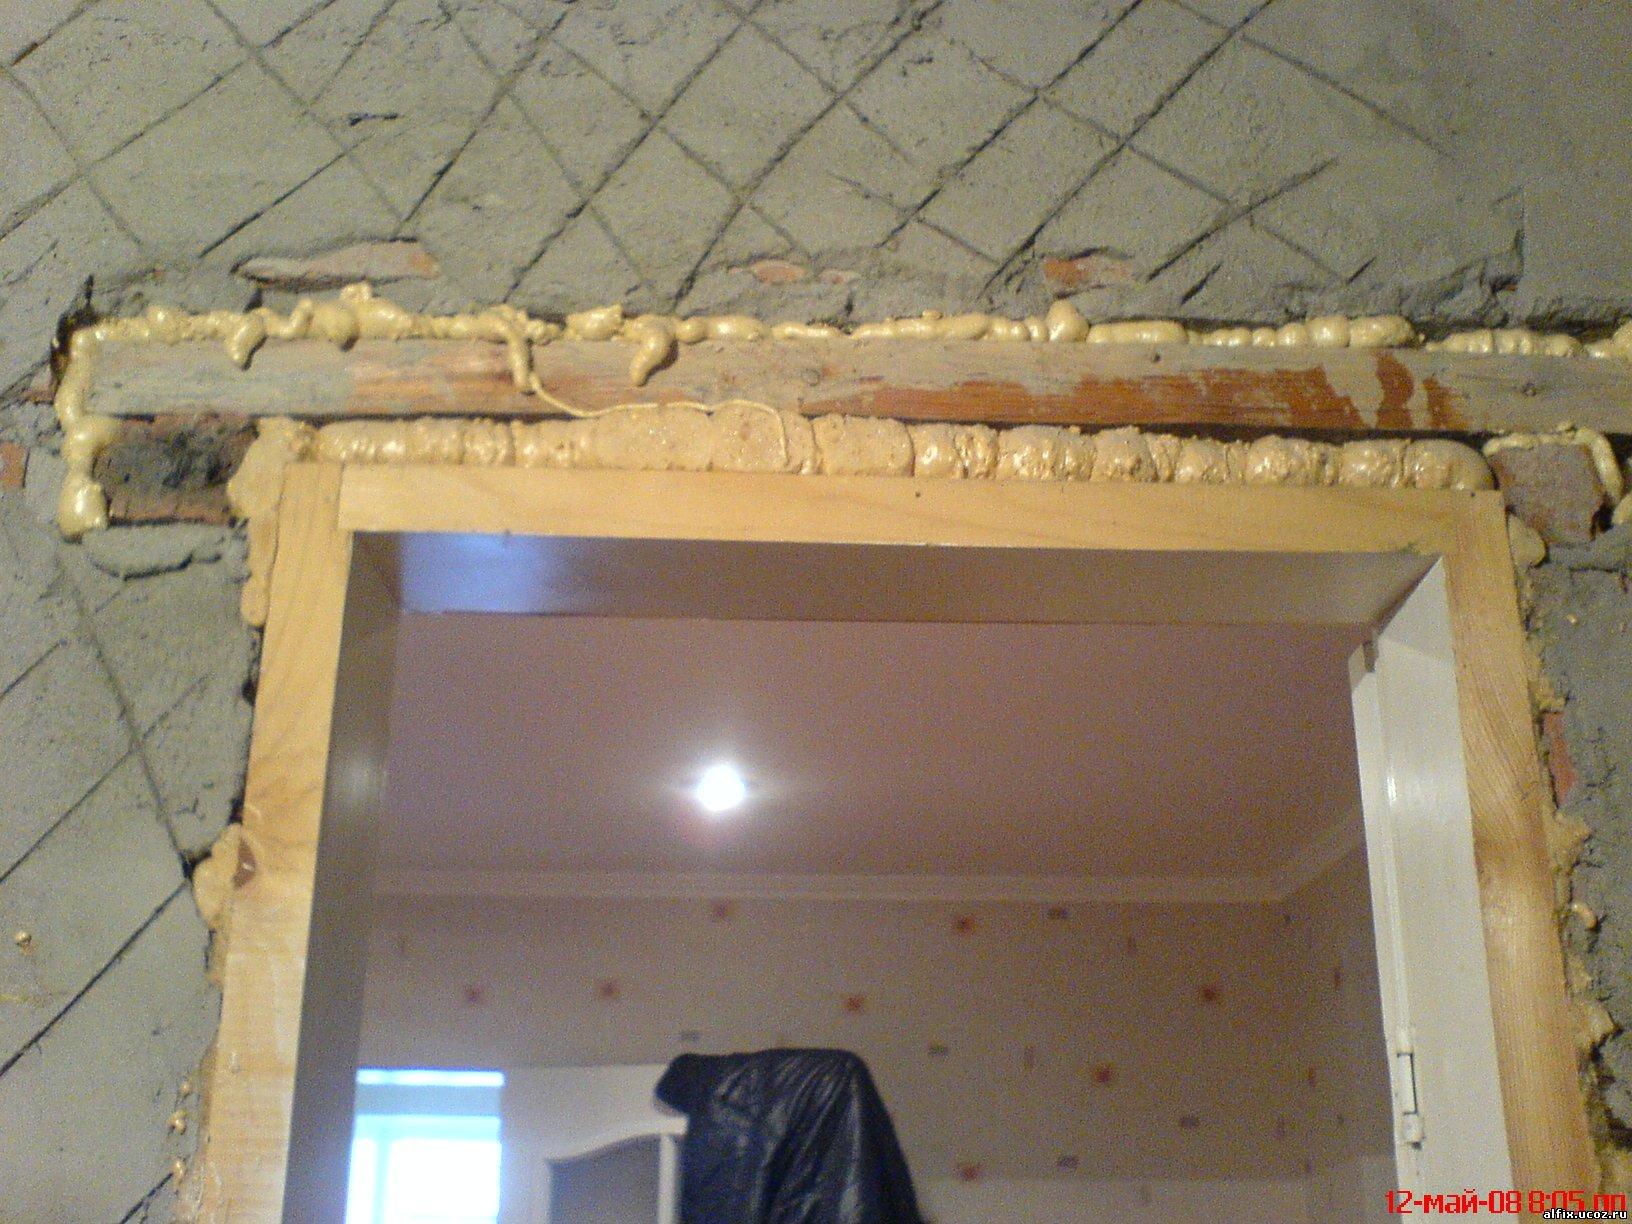 Пошаговый ремонт в комнате своими руками